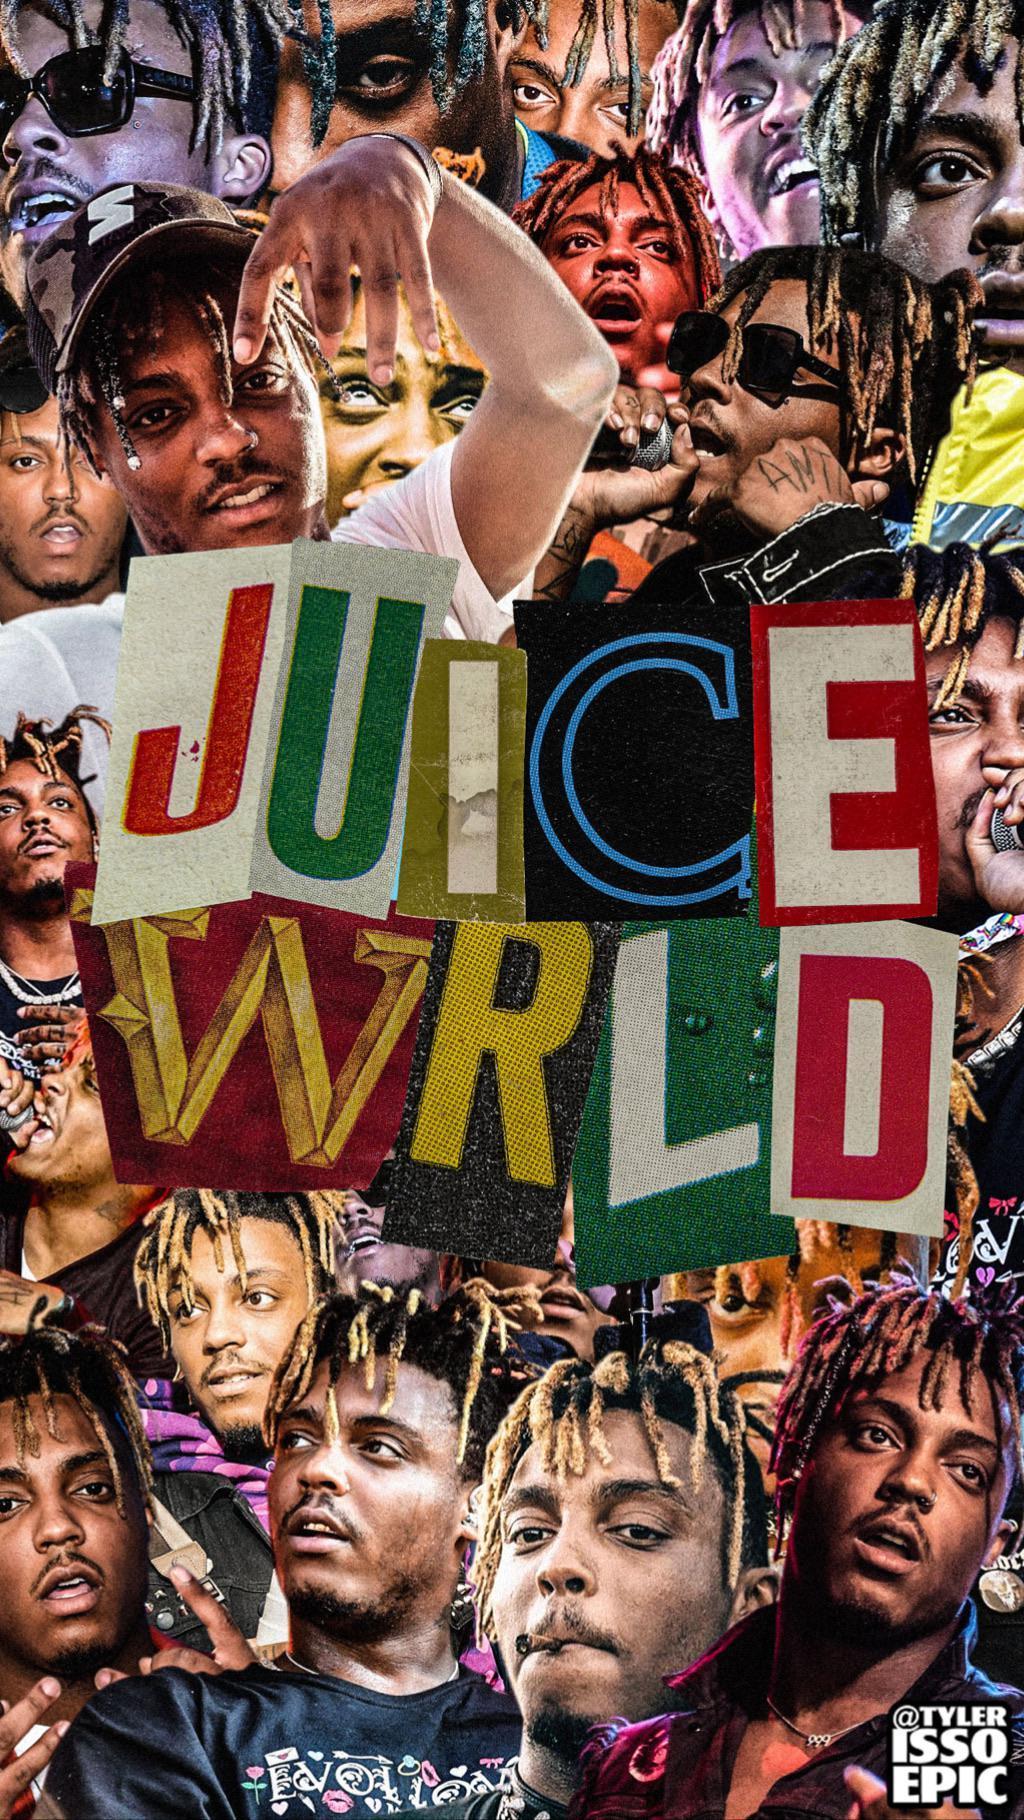 Hình nền ghép ảnh 1024x1820 Juice WRLD do tôi tạo ra để tưởng nhớ đến Juice WRLD